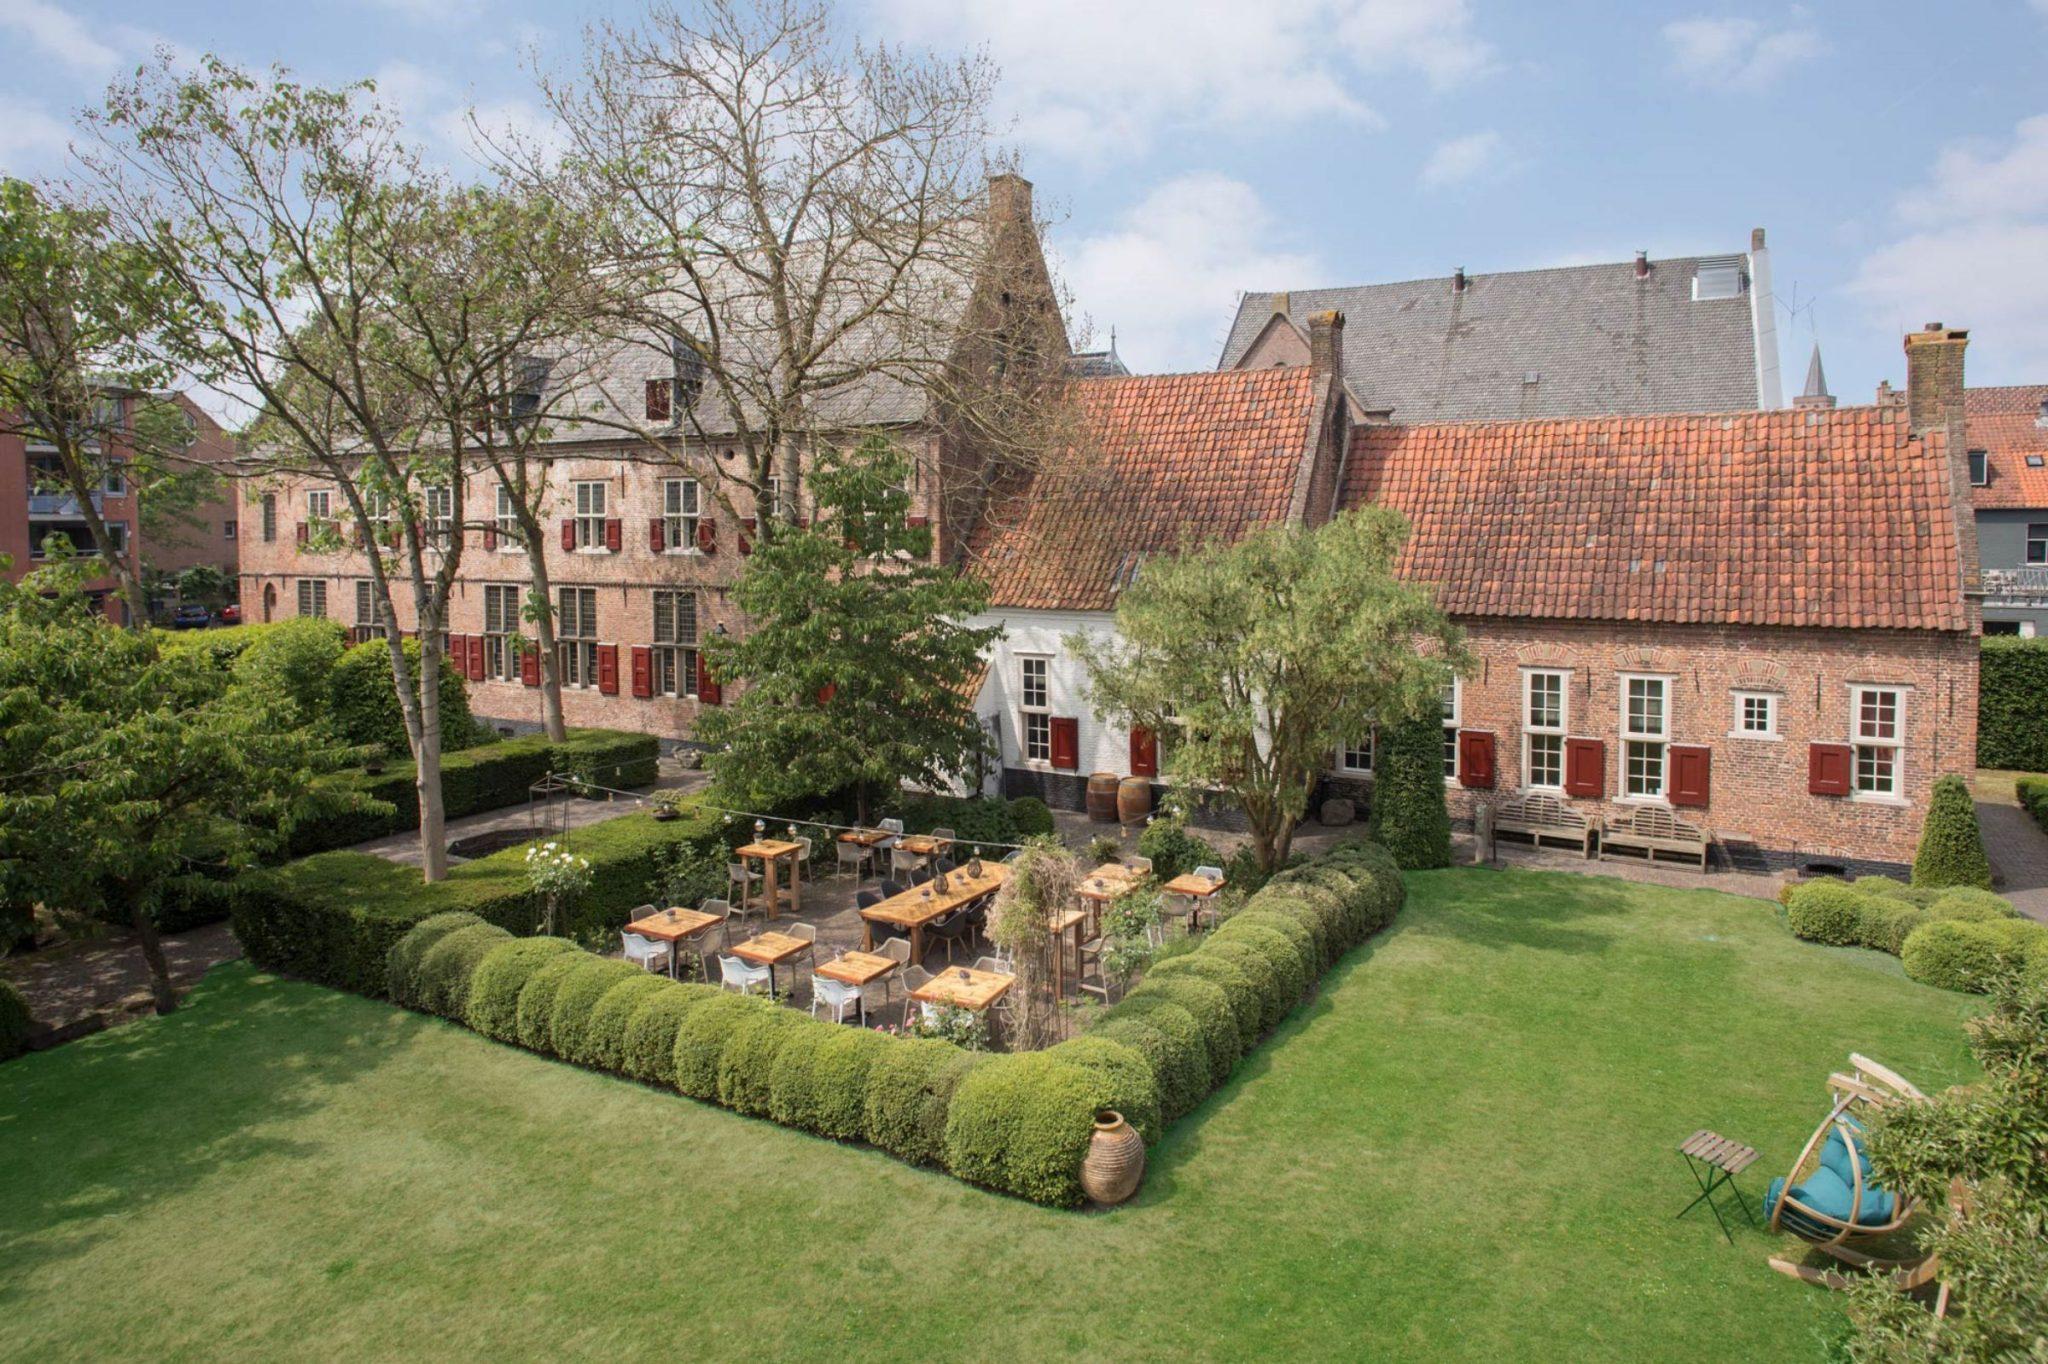 verborgen terrassen escaperoom in Amersfoort